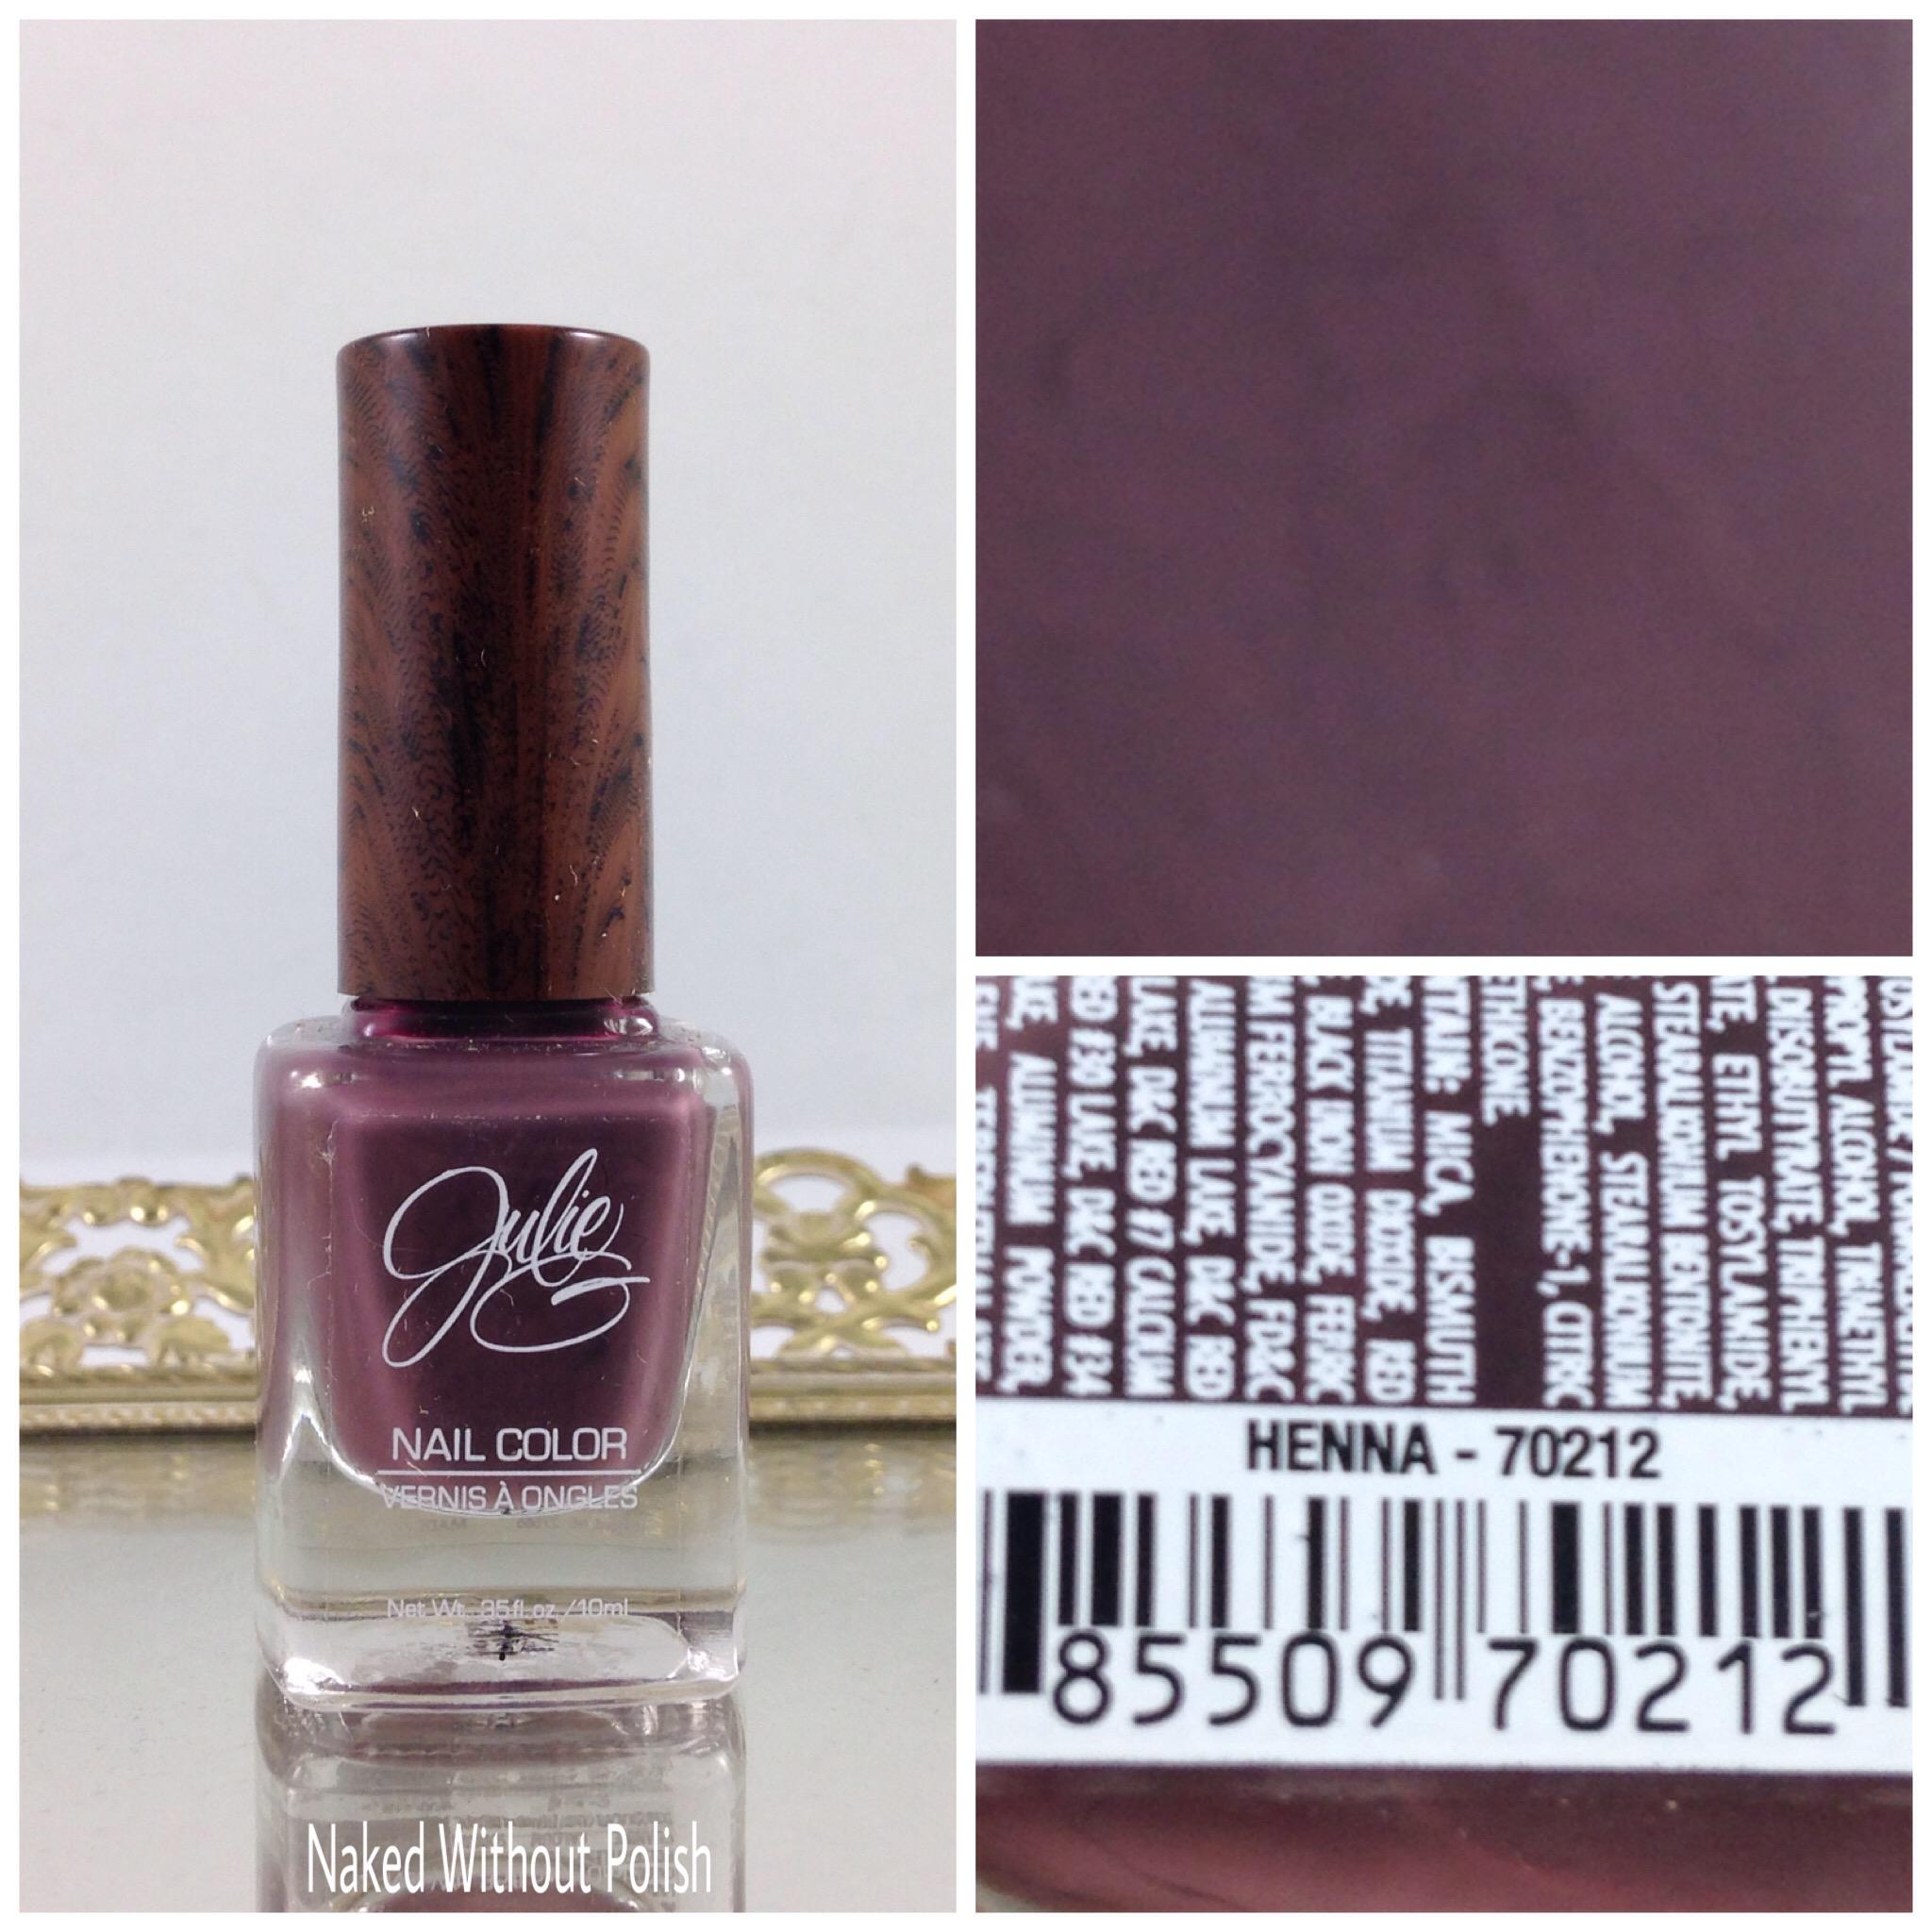 JulieG-Henna-1